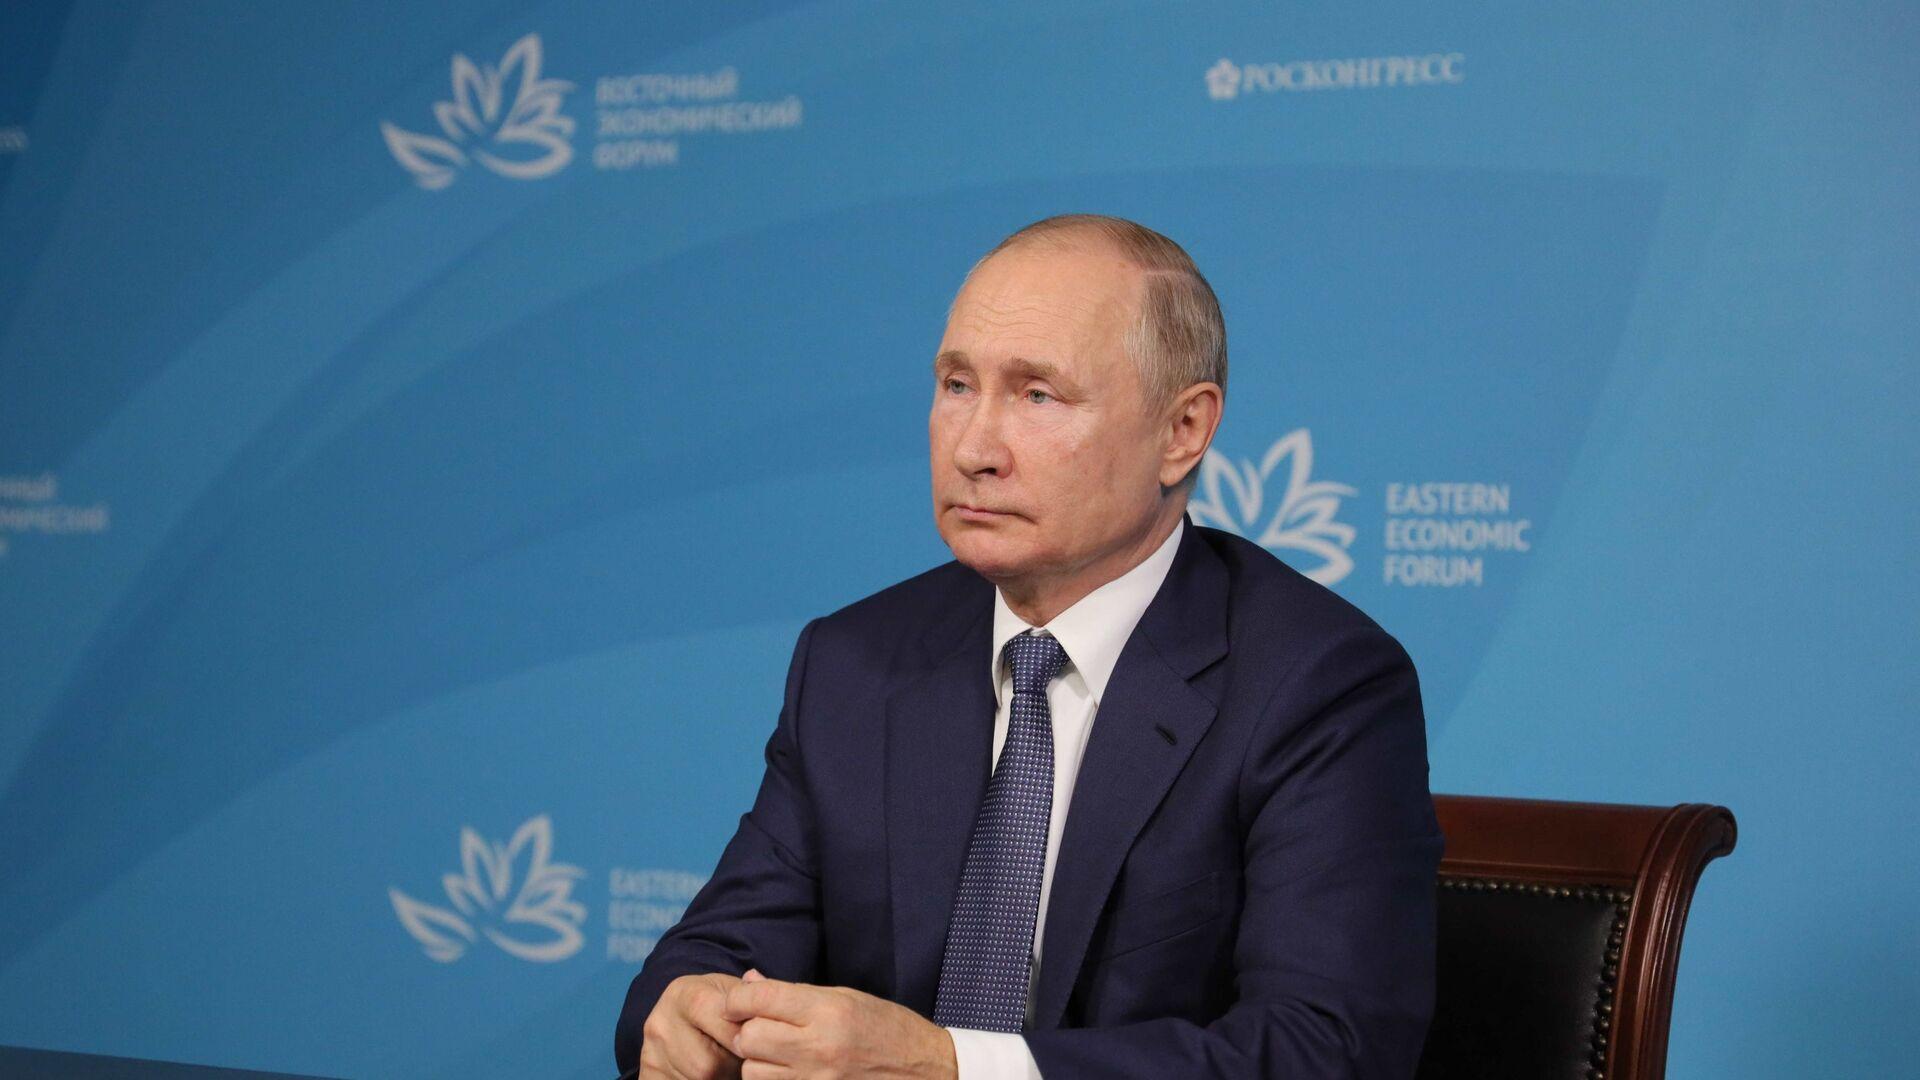 Ruský prezident Vladimir Putin - Sputnik Česká republika, 1920, 12.09.2021